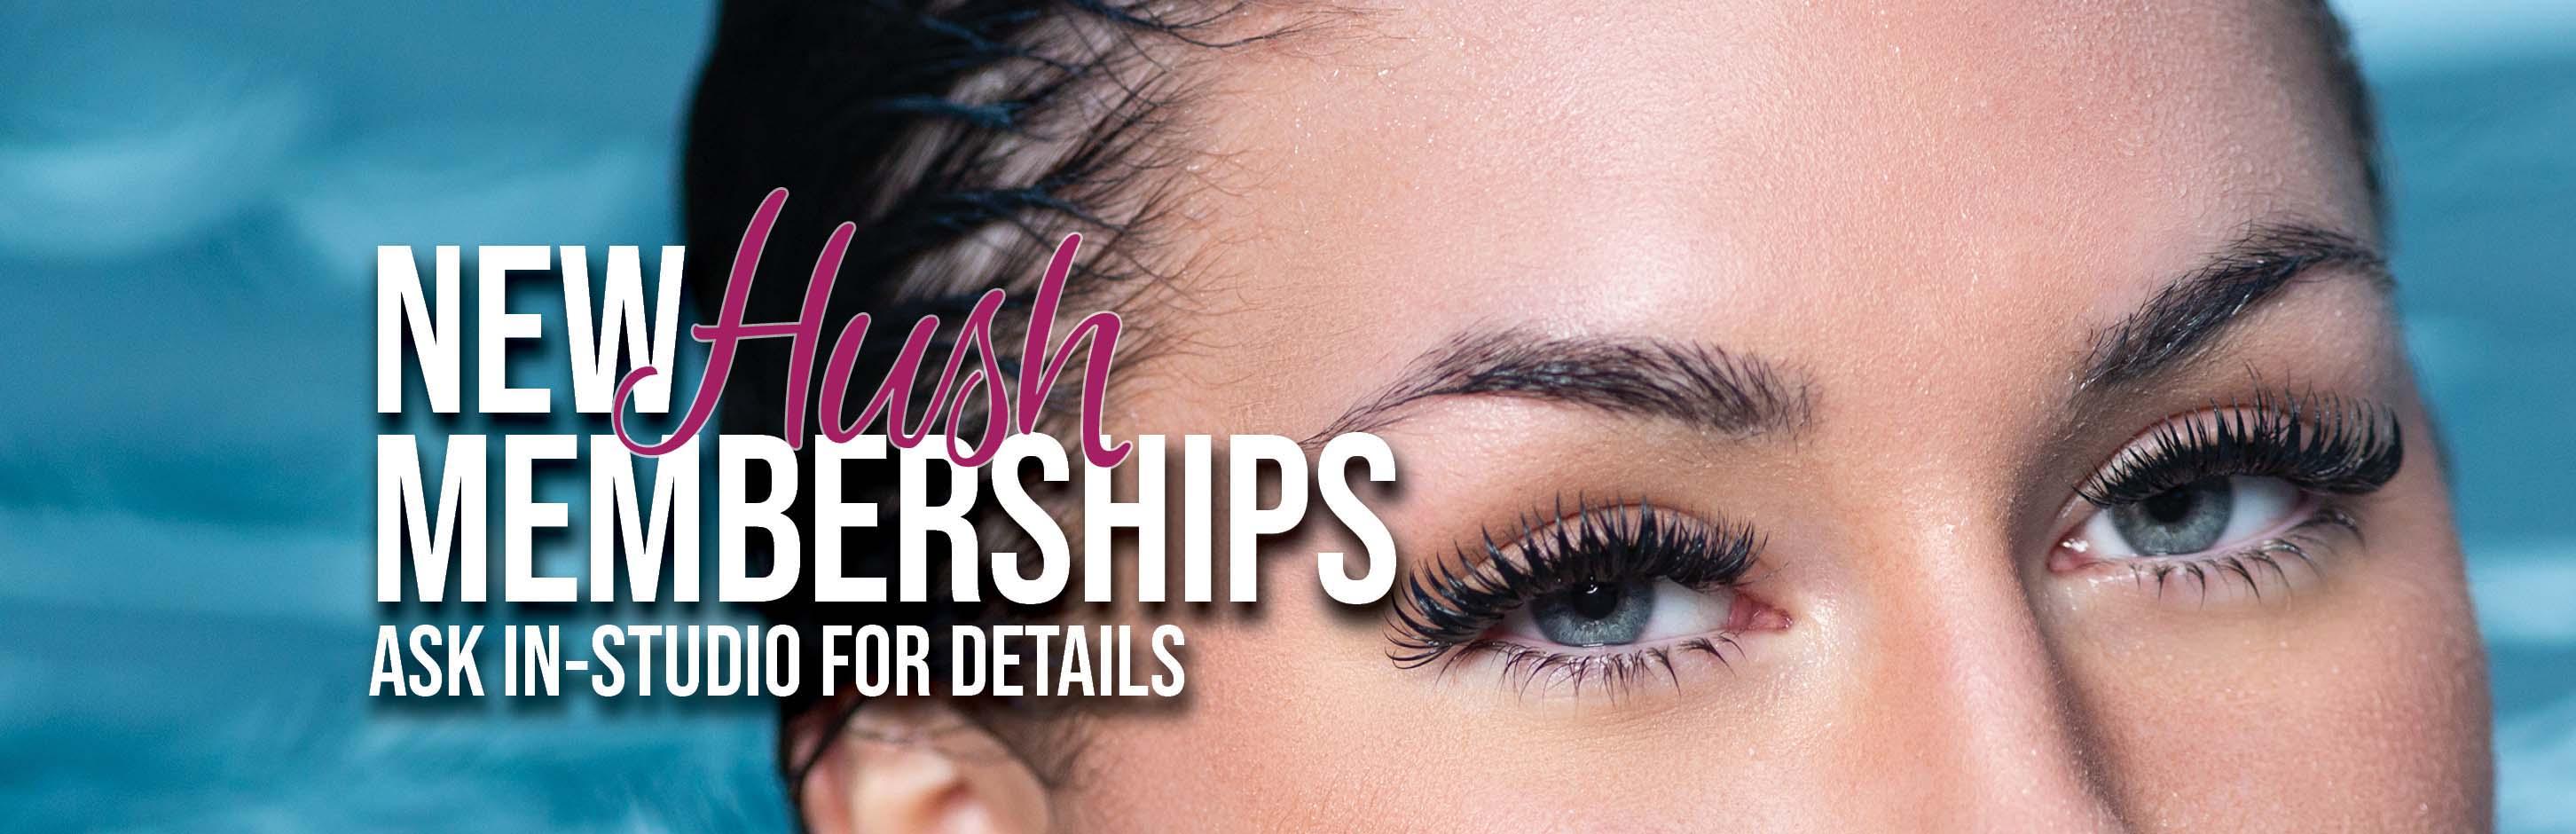 Eyelash Extensions | Hush Lash Studio